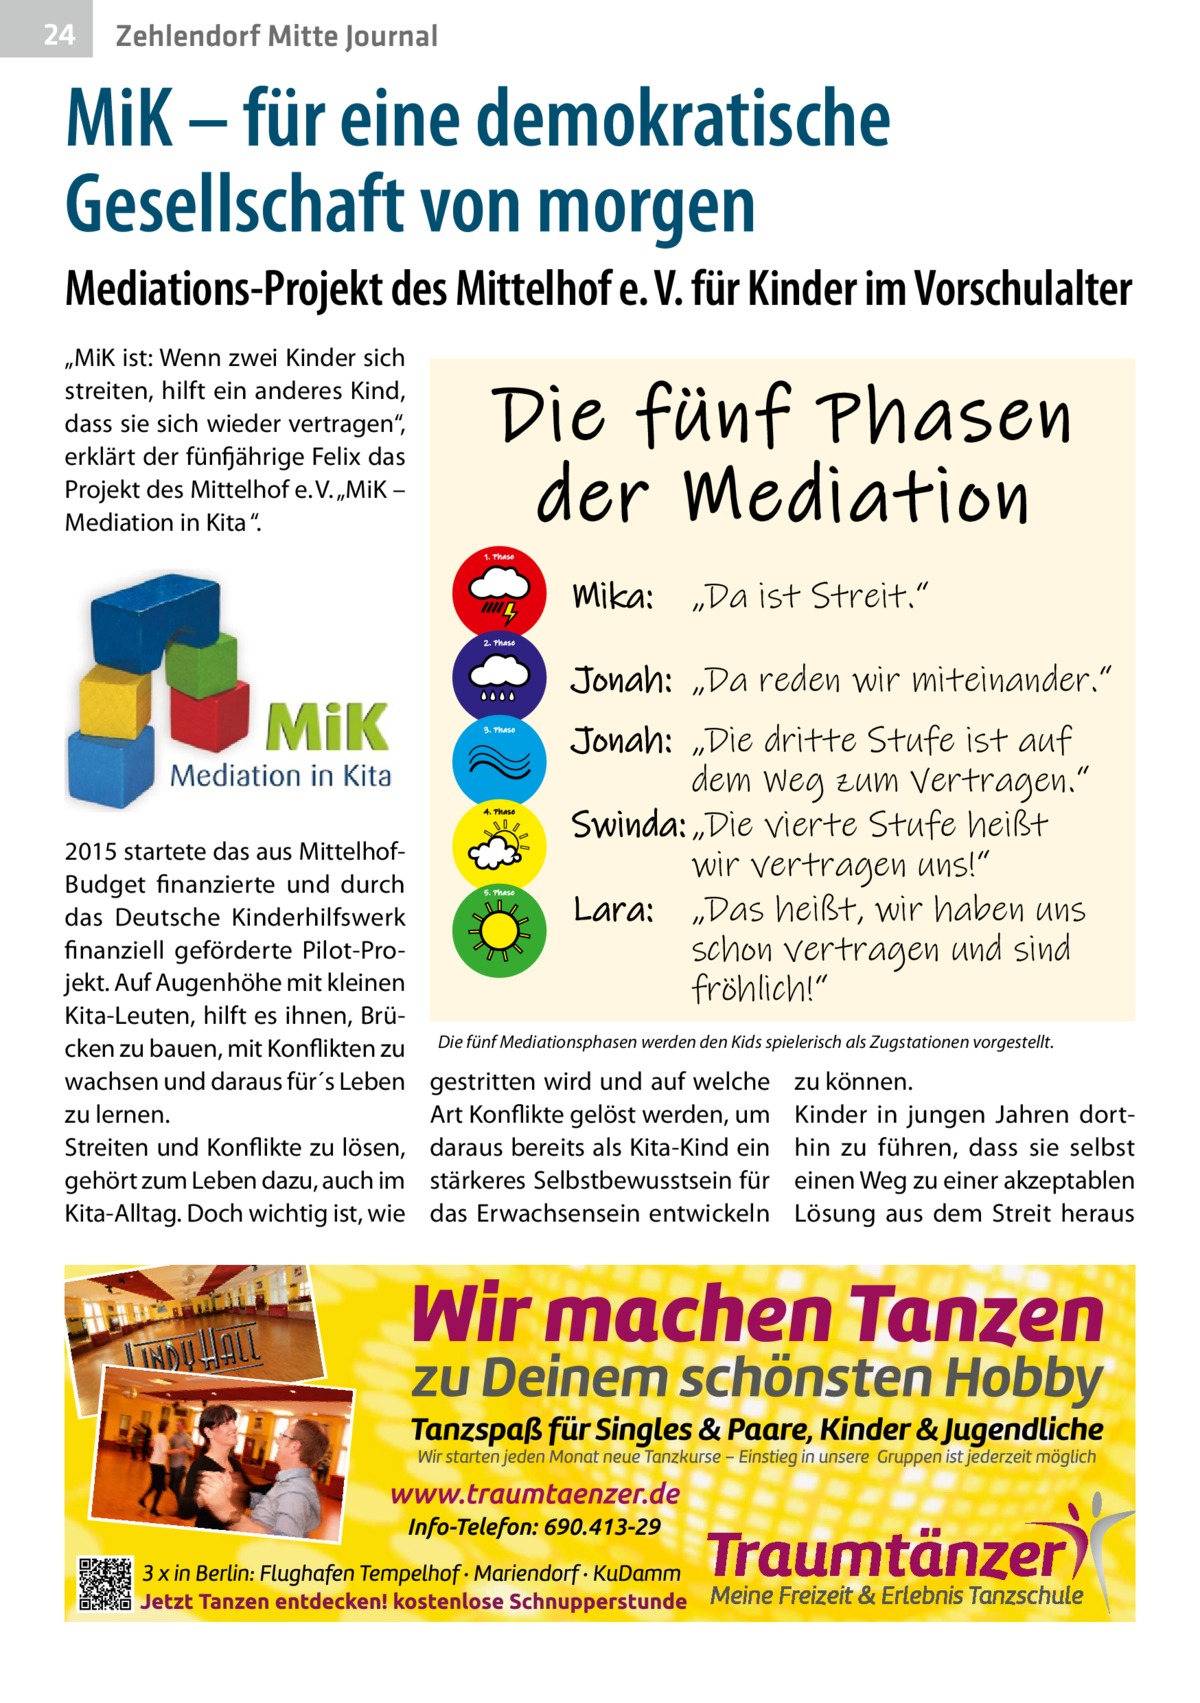 """24  Zehlendorf Mitte Journal  MiK – für eine demokratische Gesellschaft von morgen Mediations-Projekt des Mittelhof e.V. für Kinder im Vorschulalter """"MiK ist: Wenn zwei Kinder sich streiten, hilft ein anderes Kind, dass sie sich wieder vertragen"""", erklärt der fünfjährige Felix das Projekt des Mittelhof e.V. """"MiK – Mediation in Kita """".  Die fünf Phasen der Mediation 1. Phase  Mika:  """"Da ist Streit.""""  2. Phase  Jonah: """"Da reden wir miteinander."""" 3. Phase  4. Phase  2015 startete das aus MittelhofBudget finanzierte und durch das Deutsche Kinderhilfswerk finanziell geförderte Pilot-Projekt. Auf Augenhöhe mit kleinen Kita-Leuten, hilft es ihnen, Brücken zu bauen, mit Konflikten zu wachsen und daraus für´s Leben zu lernen. Streiten und Konflikte zu lösen, gehört zum Leben dazu, auch im Kita-Alltag. Doch wichtig ist, wie  5. Phase  Jonah: """"Die dritte Stufe ist auf dem Weg zum Vertragen."""" Swinda: """"Die vierte Stufe heißt wir vertragen uns!"""" Lara: """"Das heißt, wir haben uns schon vertragen und sind fröhlich!""""  Die fünf Mediationsphasen werden den Kids spielerisch als Zugstationen vorgestellt.  gestritten wird und auf welche Art Konflikte gelöst werden, um daraus bereits als Kita-Kind ein stärkeres Selbstbewusstsein für das Erwachsensein entwickeln  zu können. Kinder in jungen Jahren dorthin zu führen, dass sie selbst einen Weg zu einer akzeptablen Lösung aus dem Streit heraus"""